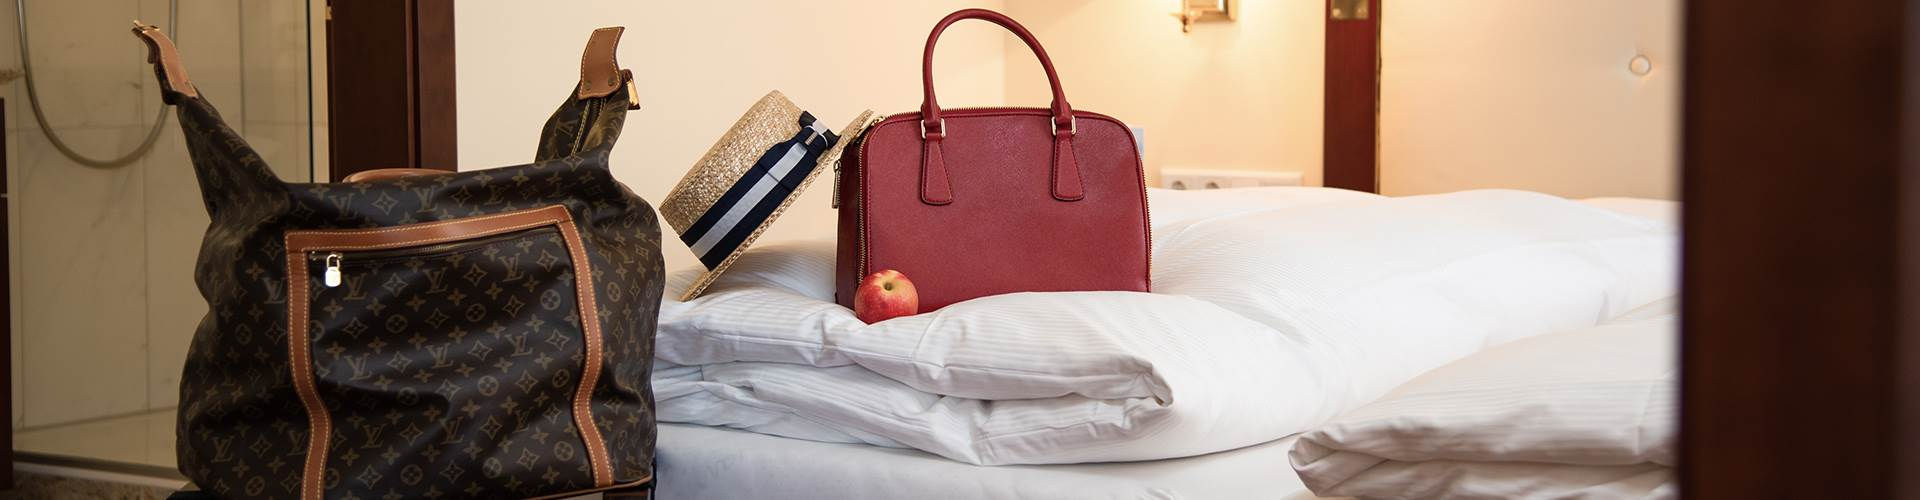 Handtaschen im Detail auf einem Hotelbett